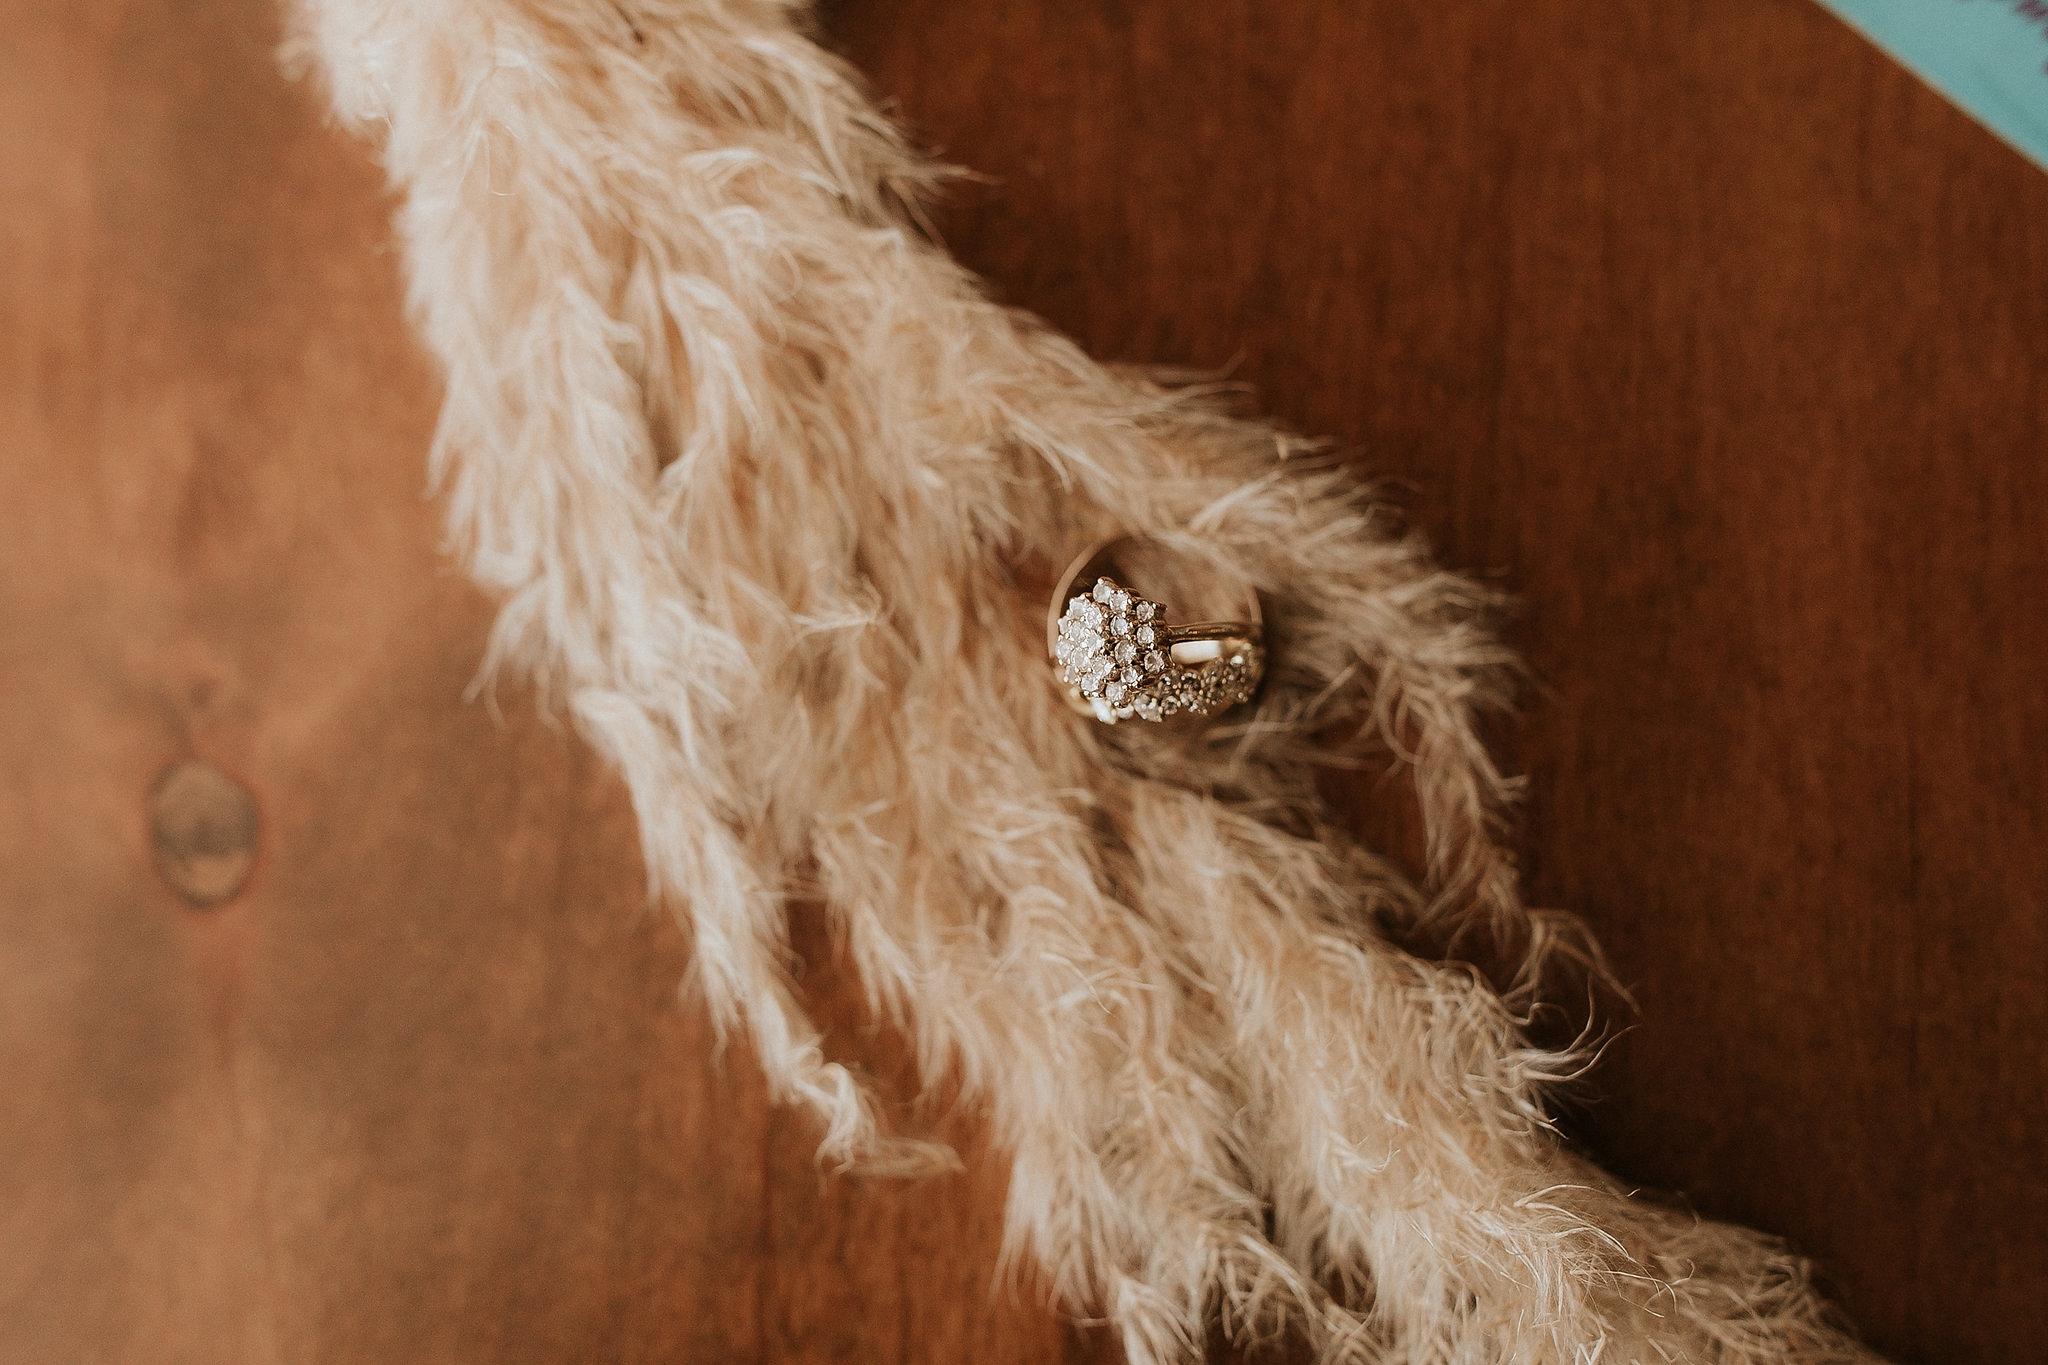 Alicia+lucia+photography+-+albuquerque+wedding+photographer+-+santa+fe+wedding+photography+-+new+mexico+wedding+photographer+-+new+mexico+wedding+-+new+mexico+wedding+-+wedding+florals+-+desert+wedding+-+wedding+trends_0044.jpg